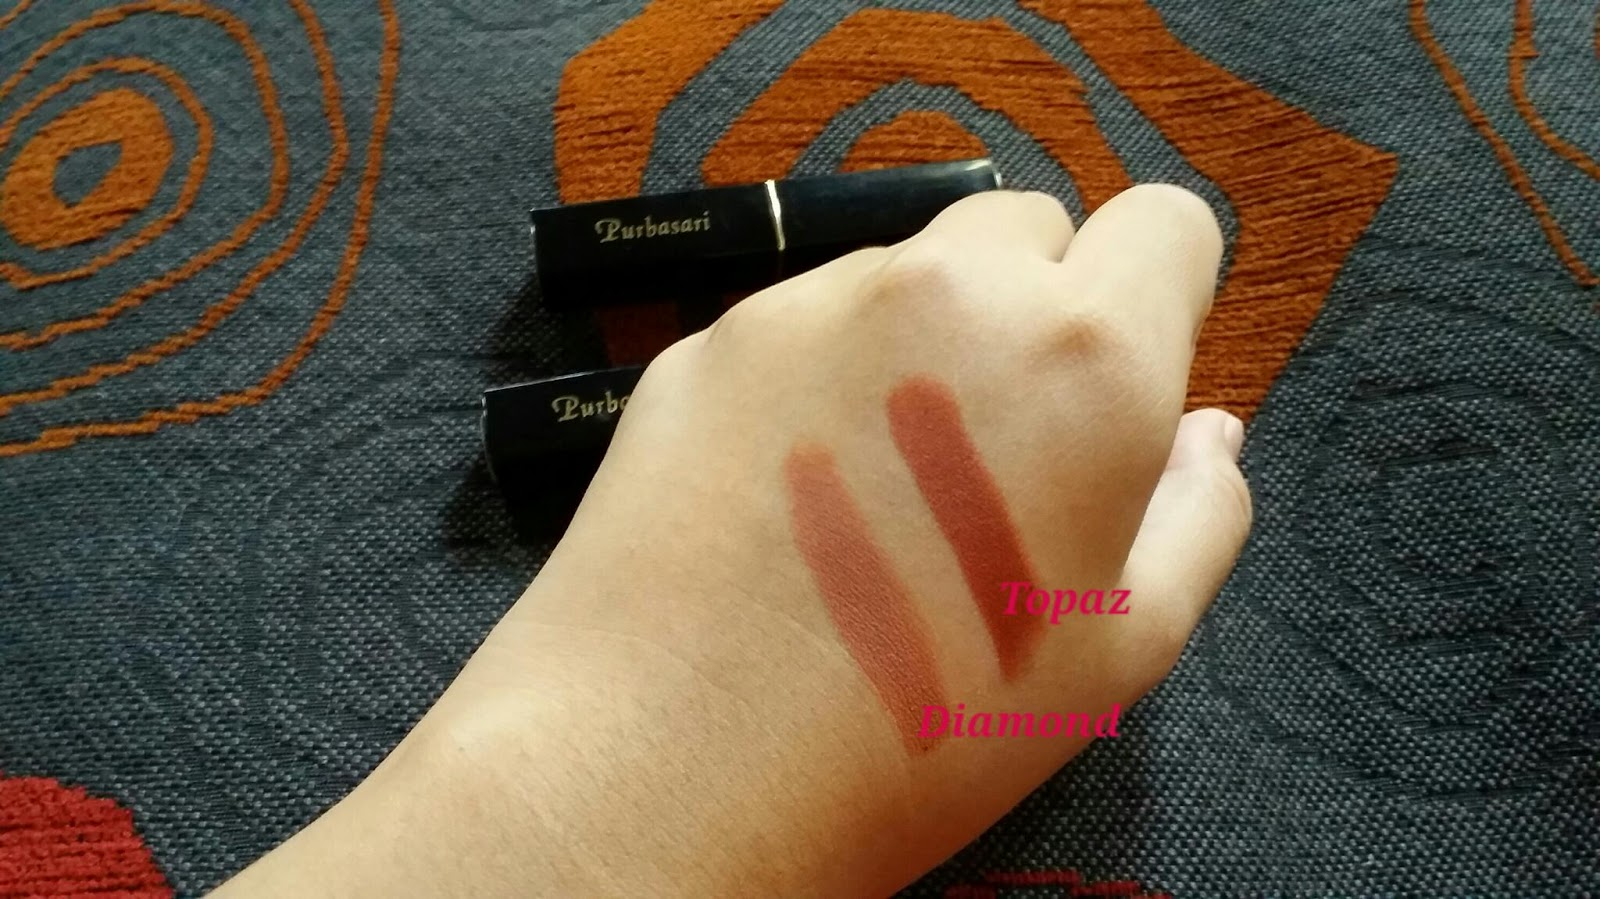 My Make Up Kit Lips Purbasari Matte Lipstick Revlon Colorstay Lipstik Paling  Original Karena Kalian Akan Kaget Kalo Produk Lokal Bisa Punya Yang Sebagus Ini Harganya Sangat Murah Sekitar Rp 30000 2 Lip Stain